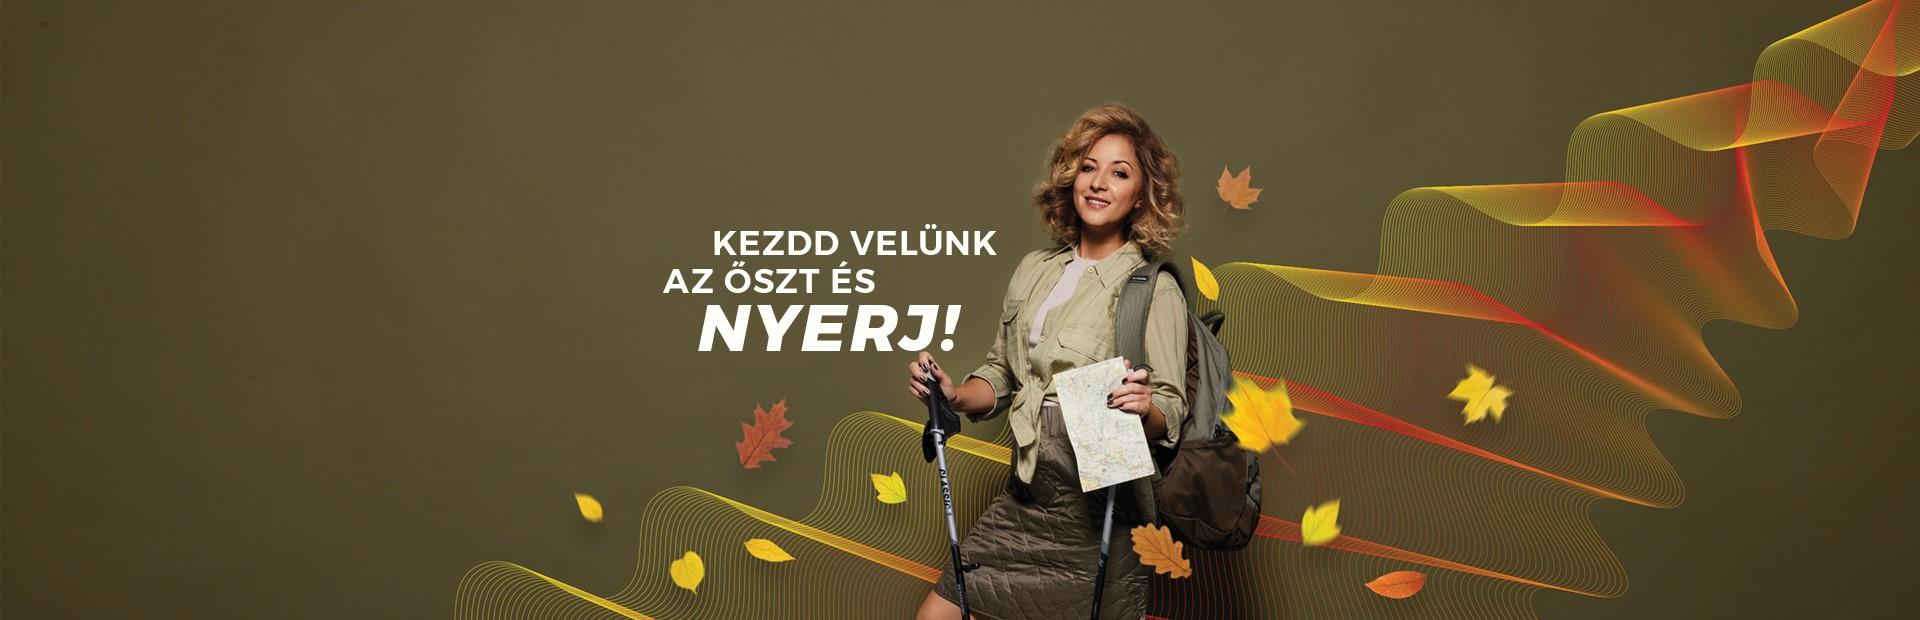 Kezdd velünk az őszt!